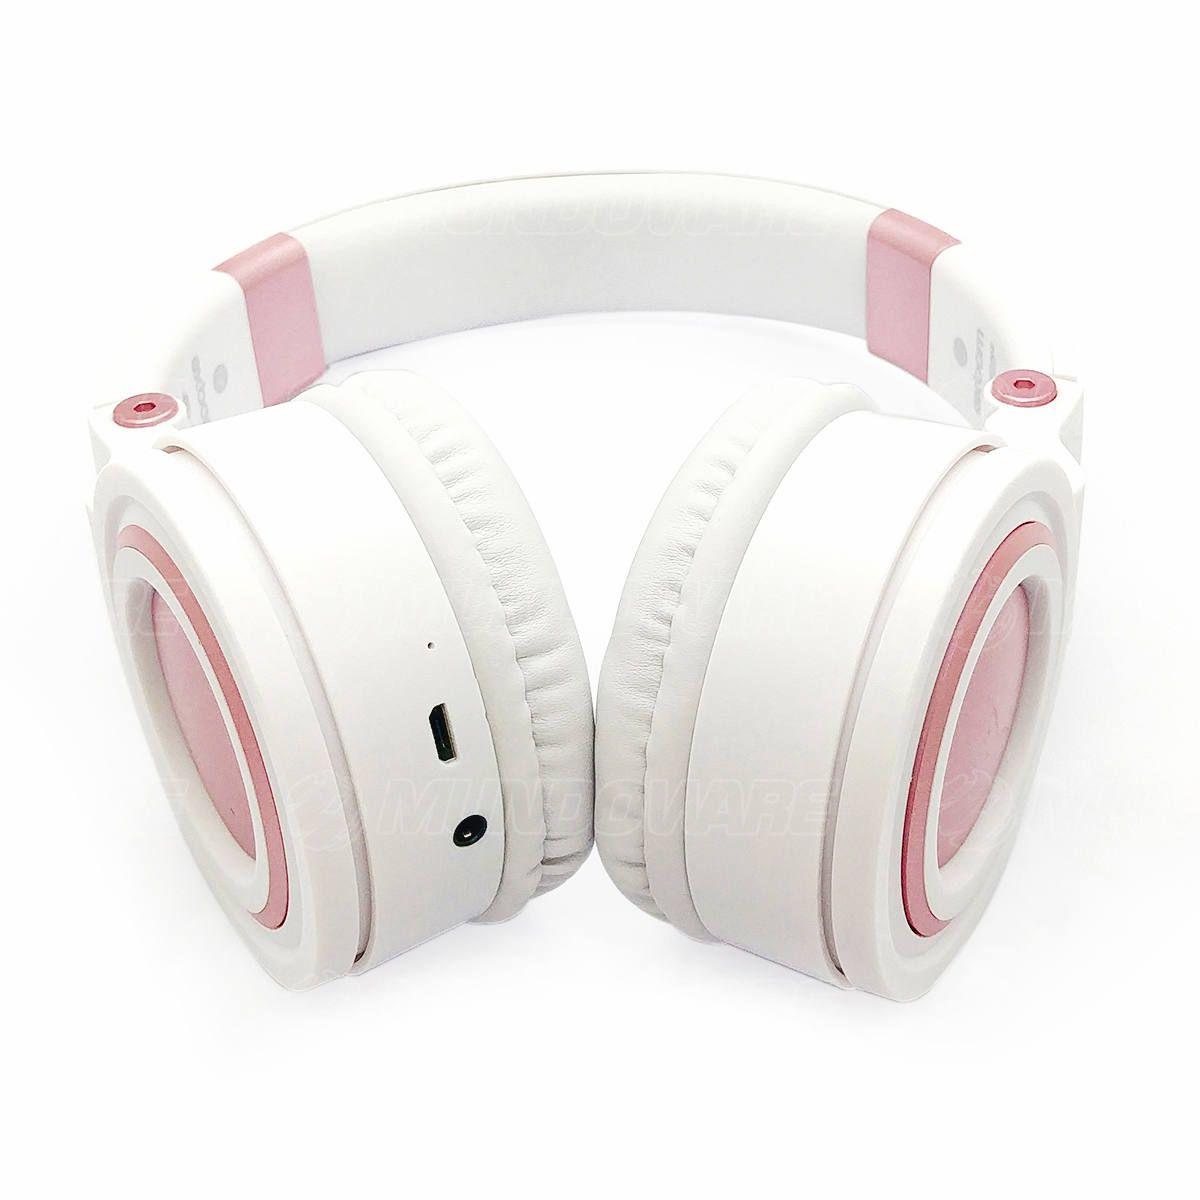 Fone de Ouvido Bluetooth 5.0 Wireless com Alças Dobráveis Headphone Exbom HF-480BT Branco com Rosa